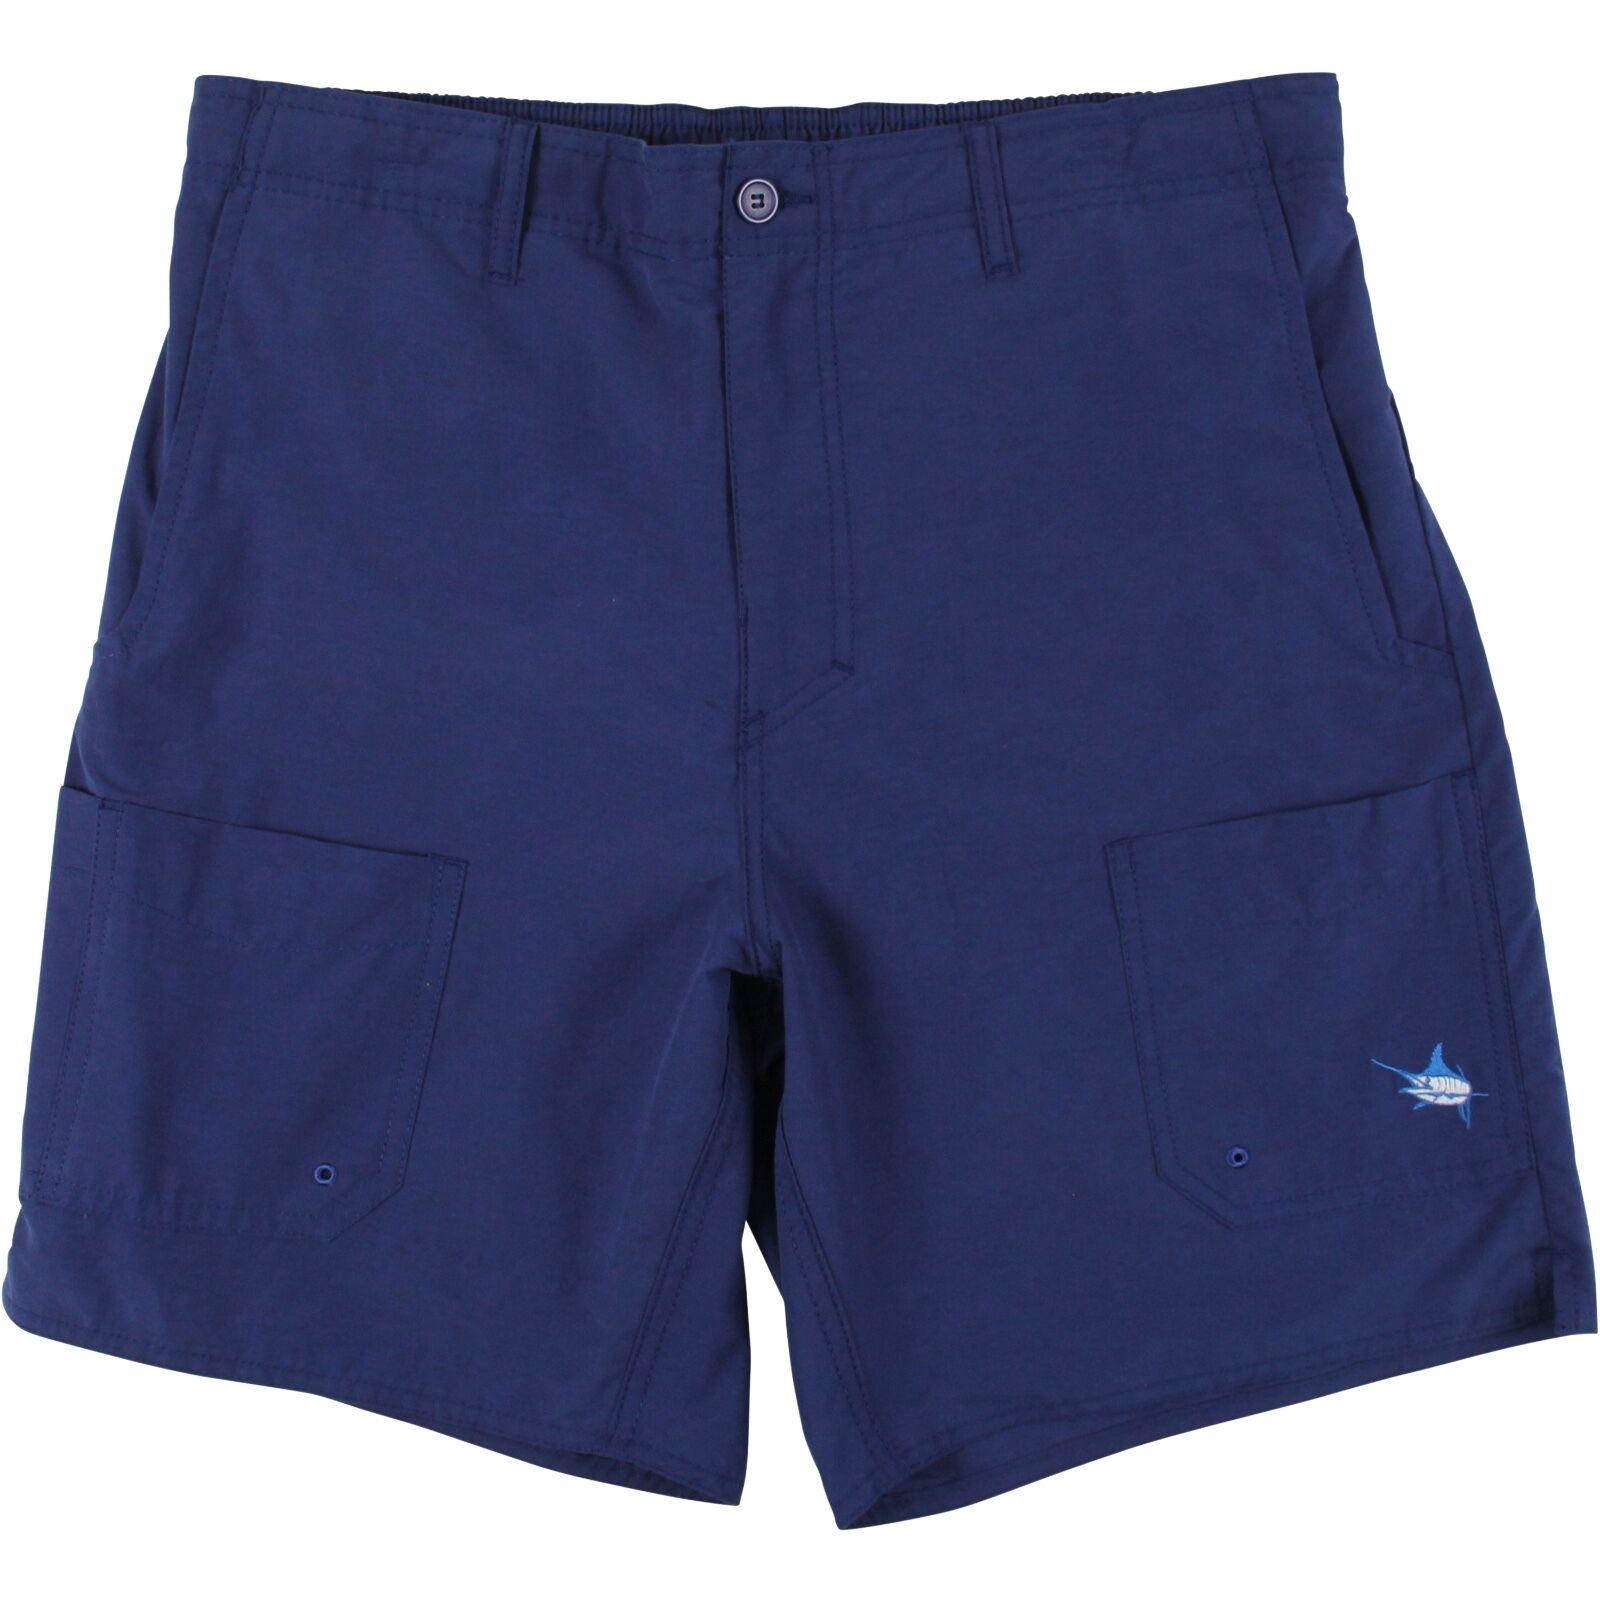 Guy Harvey Men's Low Tide Fishing Boat Shorts...Navy bluee..Choose Size..